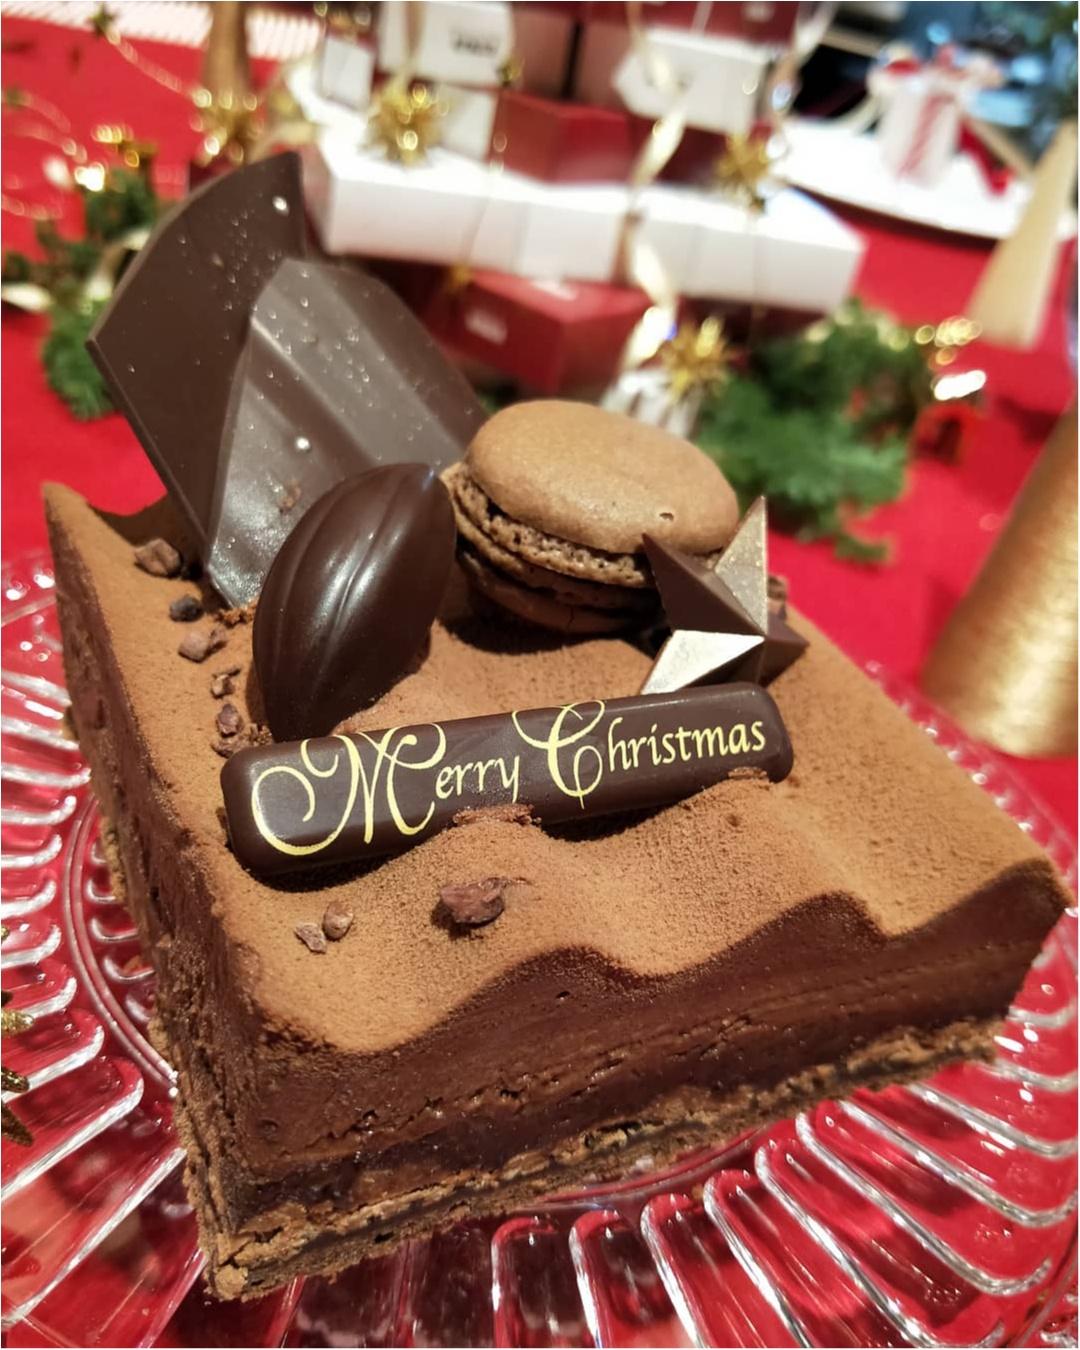 横浜チョコレート専門店「バニラビーンズ」のクリスマスケーキ試食会レポ♡_2